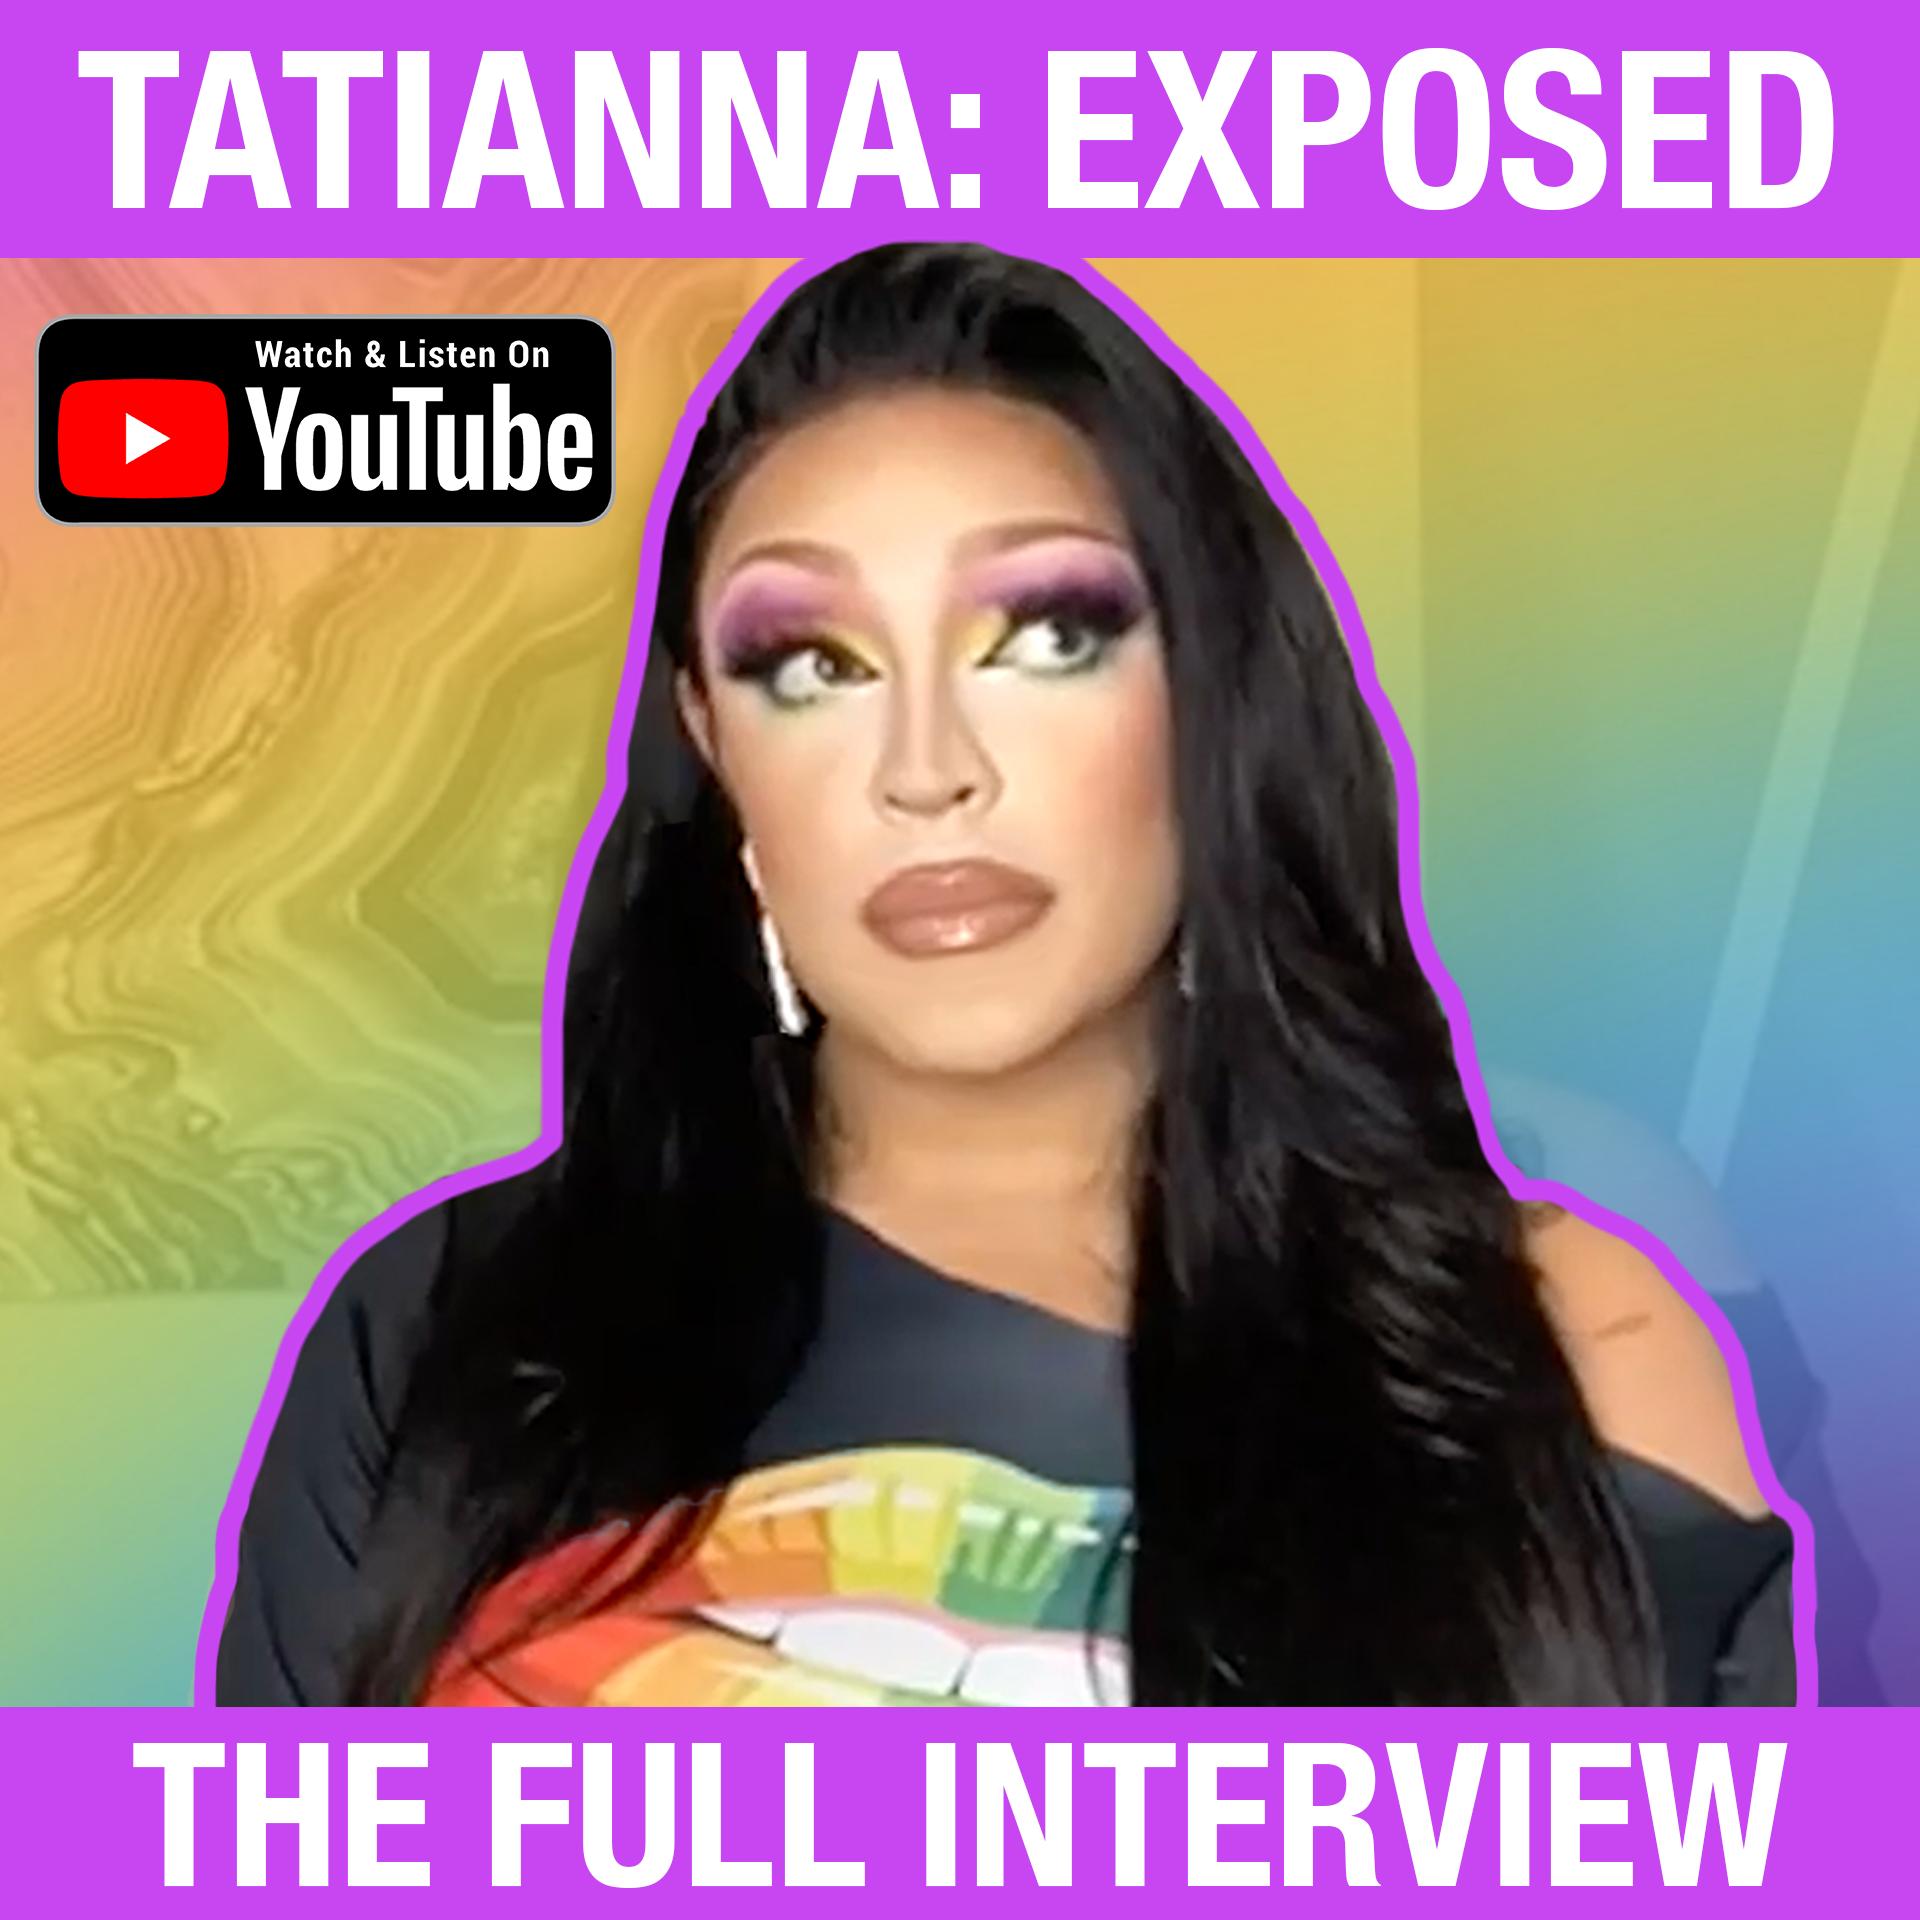 S1E13 - Tatianna: Exposed